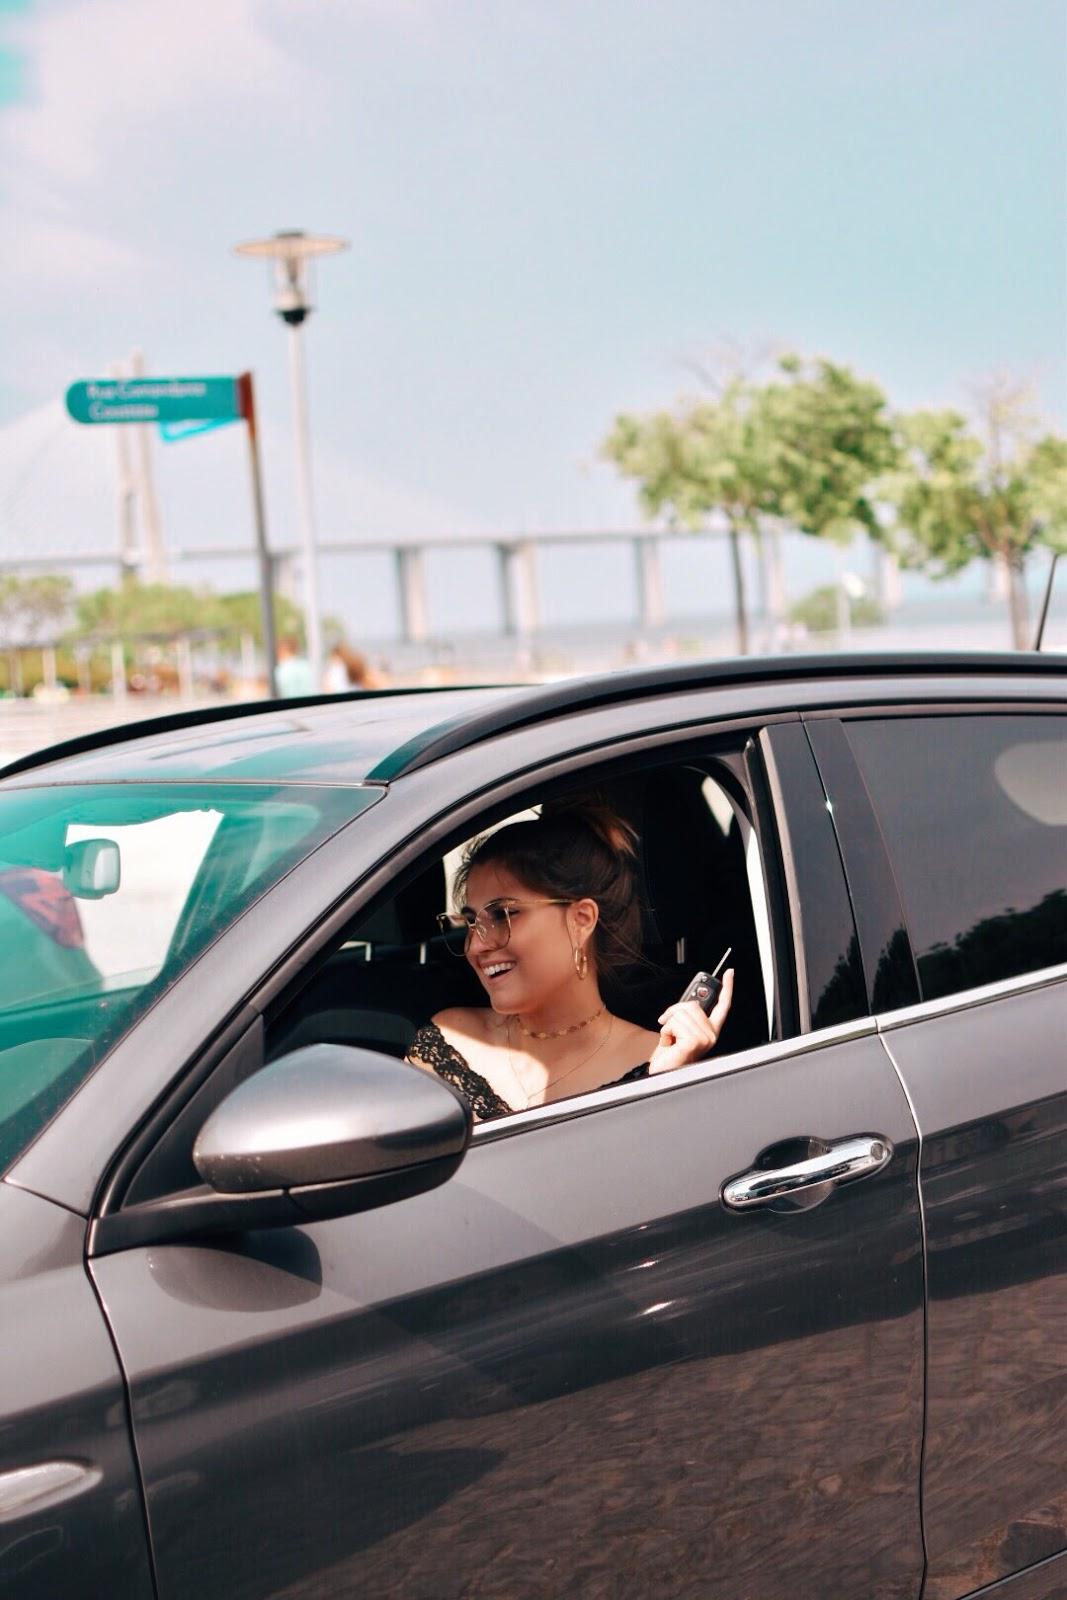 Vamos proteger o ambiente com a ajuda do nosso carro!